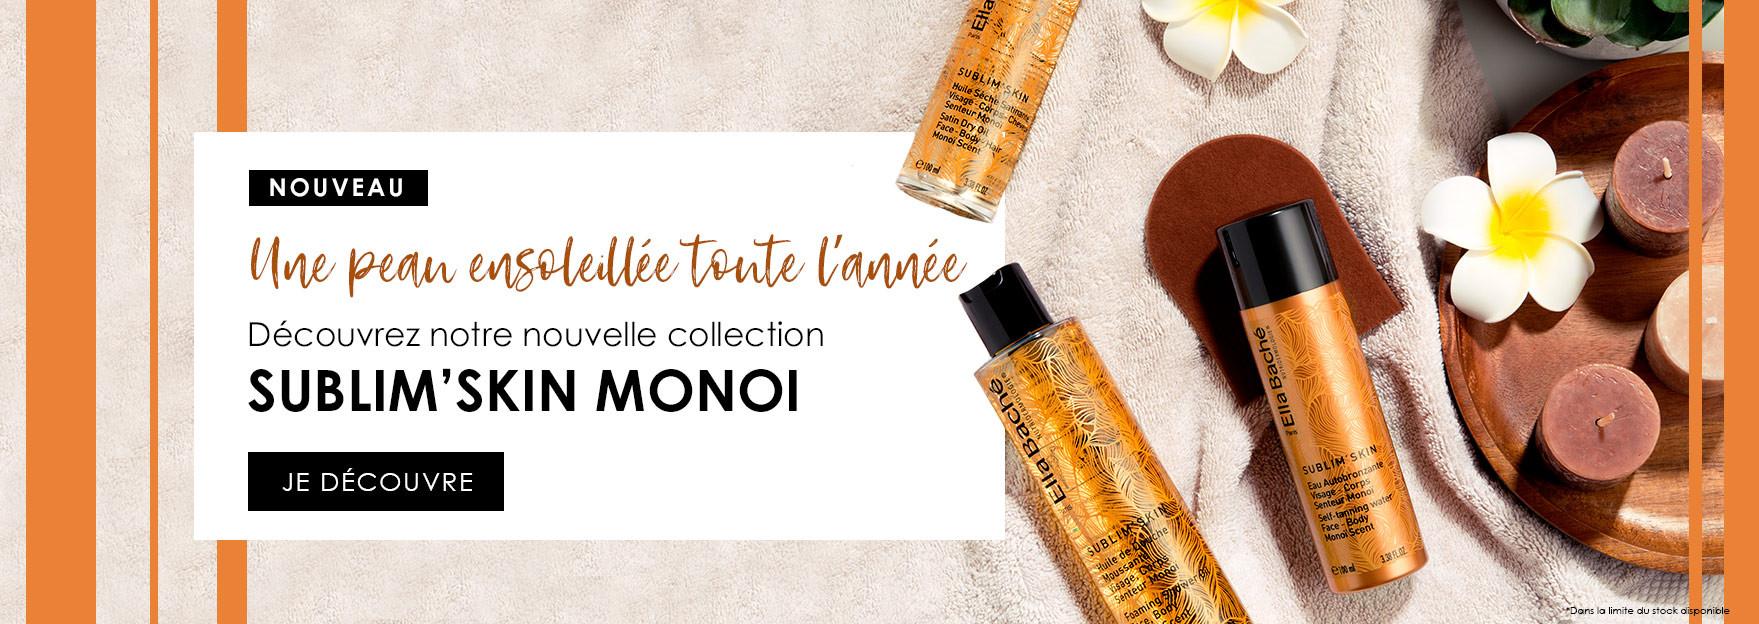 Collection Sublim'Skin Monoi